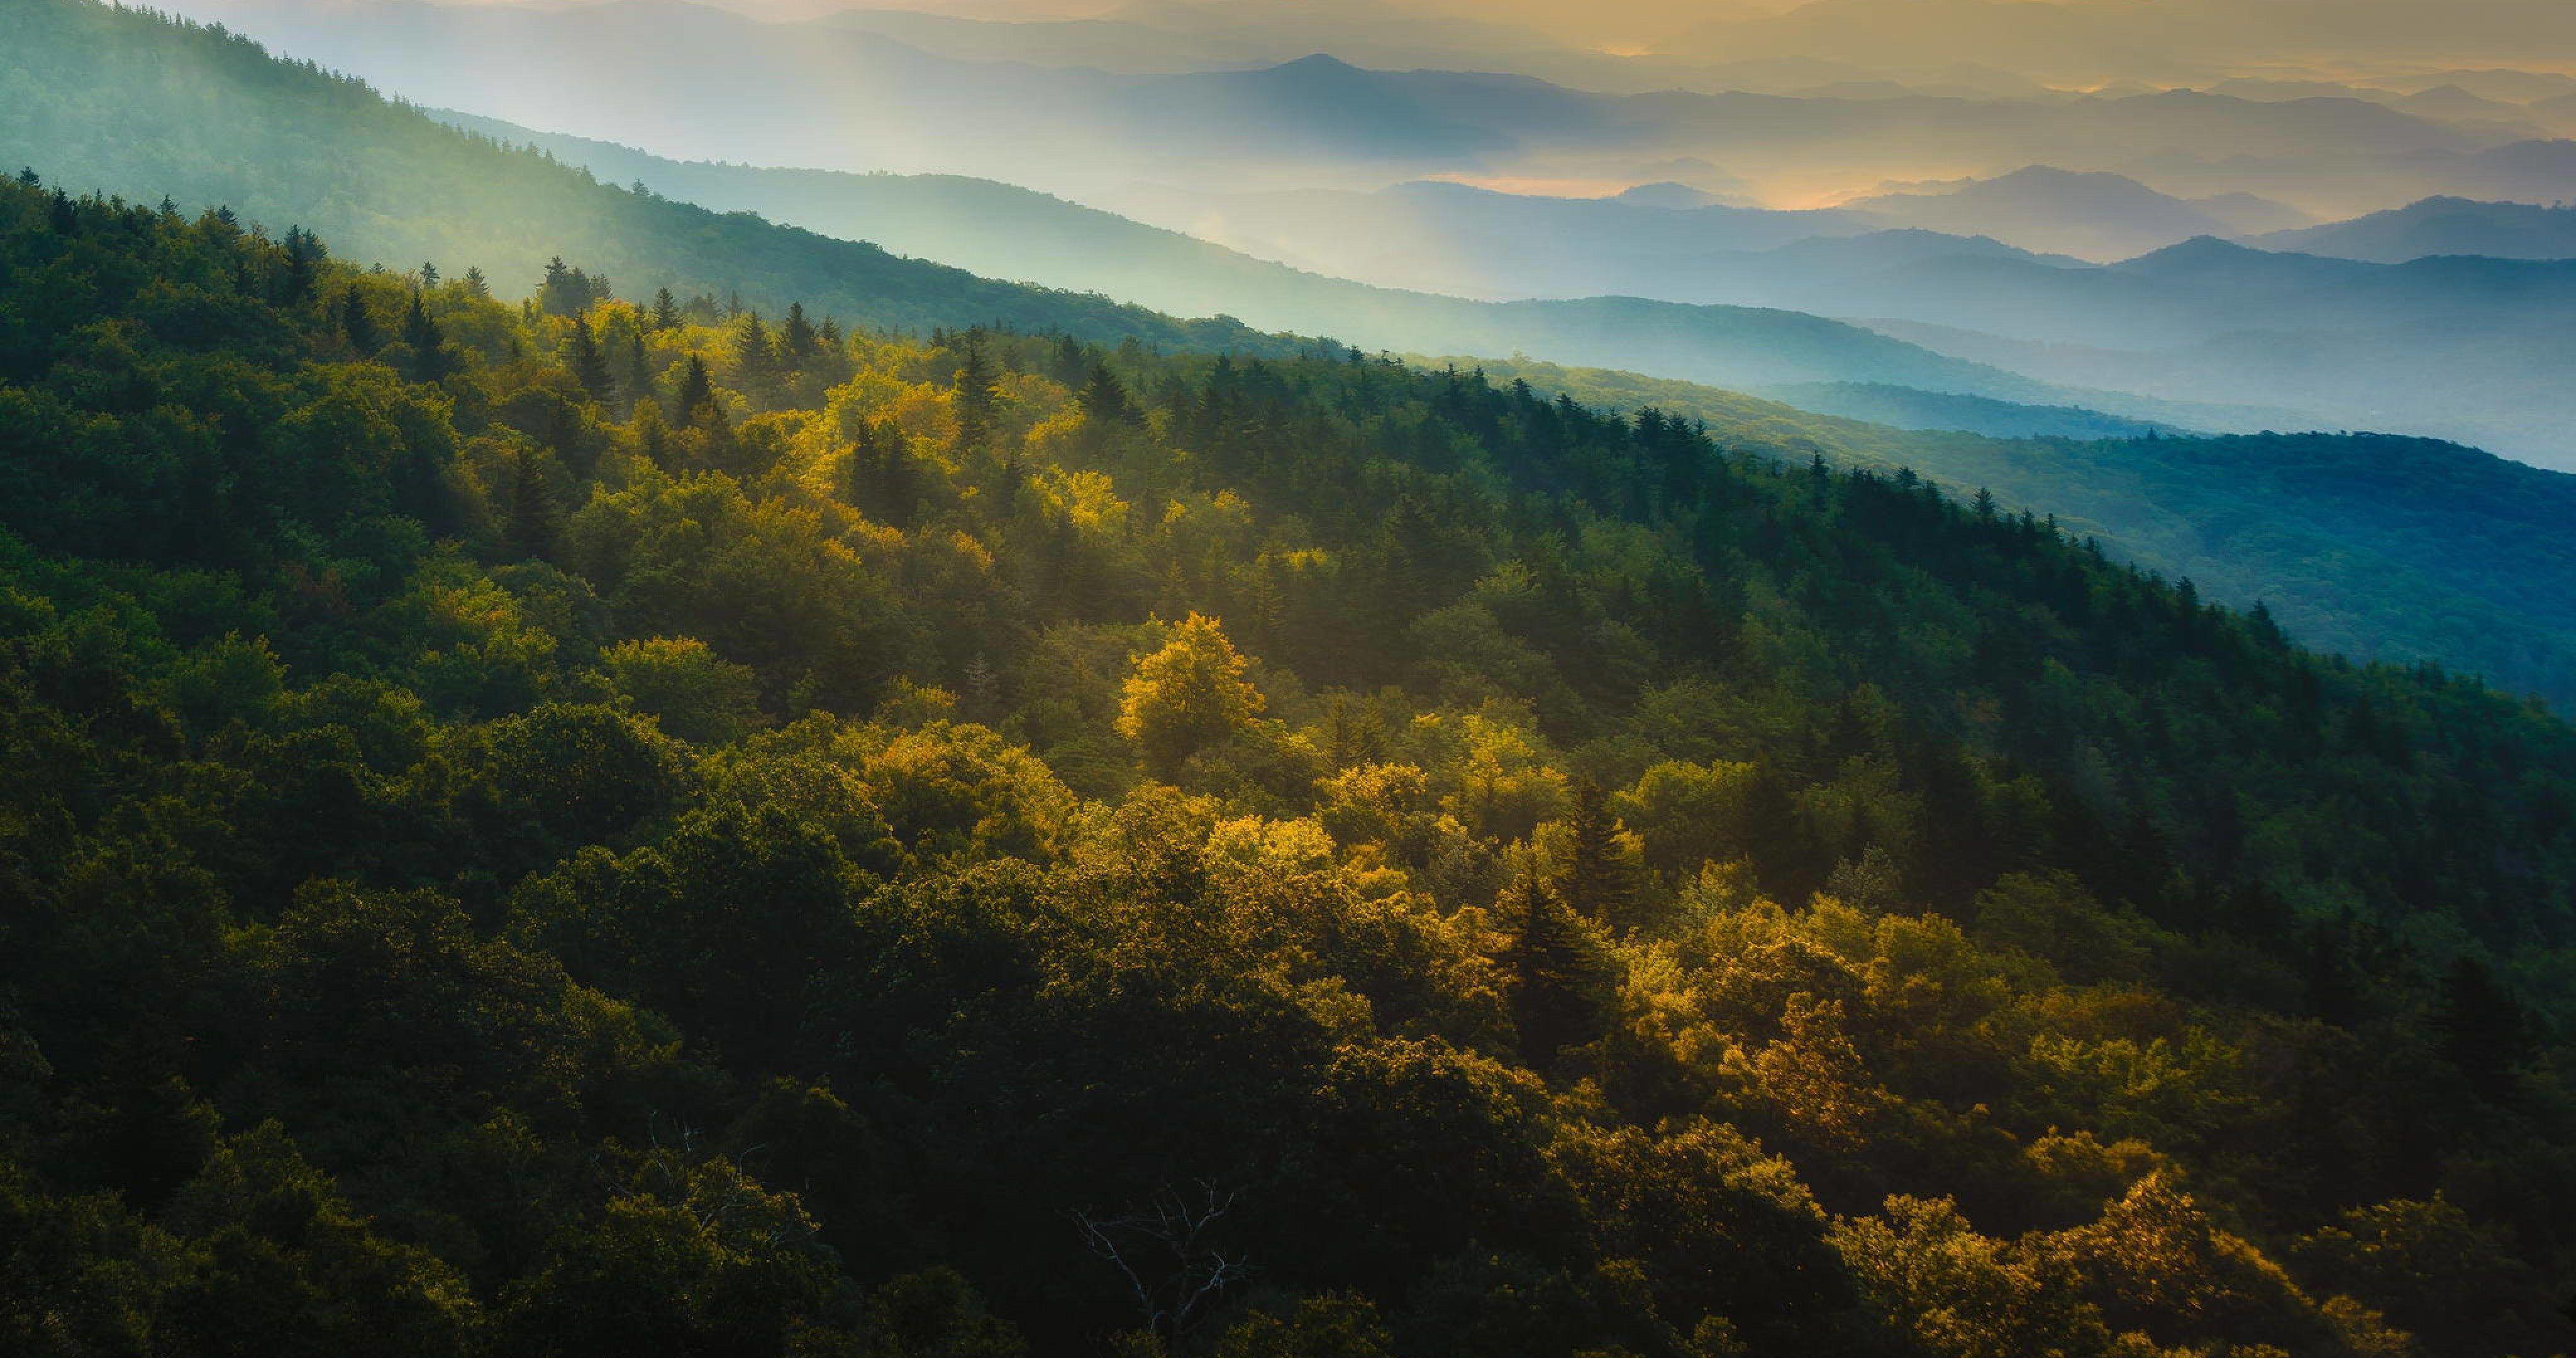 Autumn Panoramma Forest Wallpaper 4k Ultra Hd Wallpaper